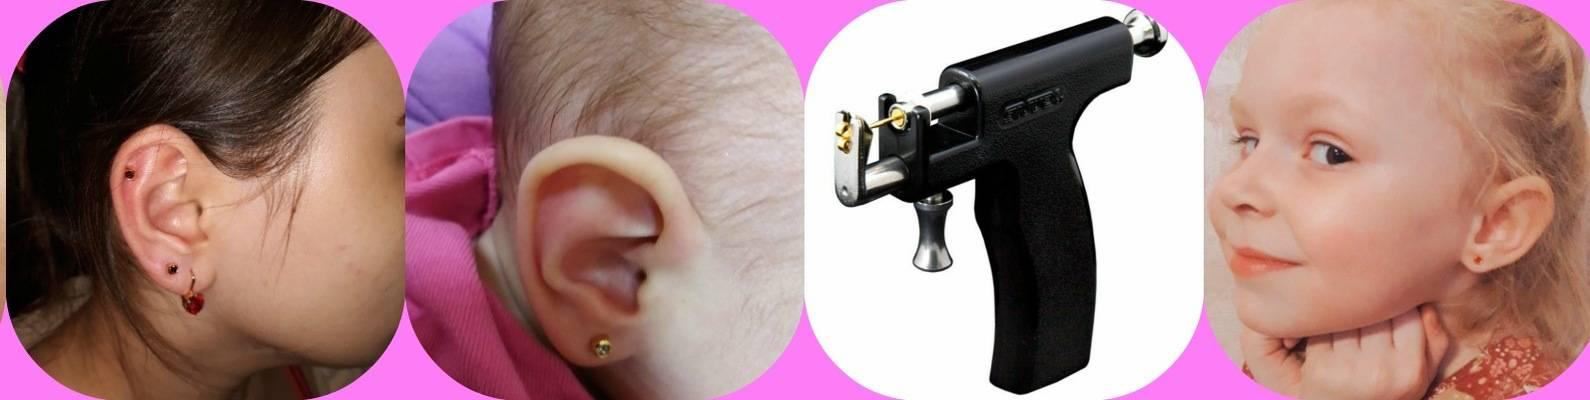 Как прокалывают уши пистолетом детям: как ухаживать за проколами и сколько нельзя мочить их после процедуры?